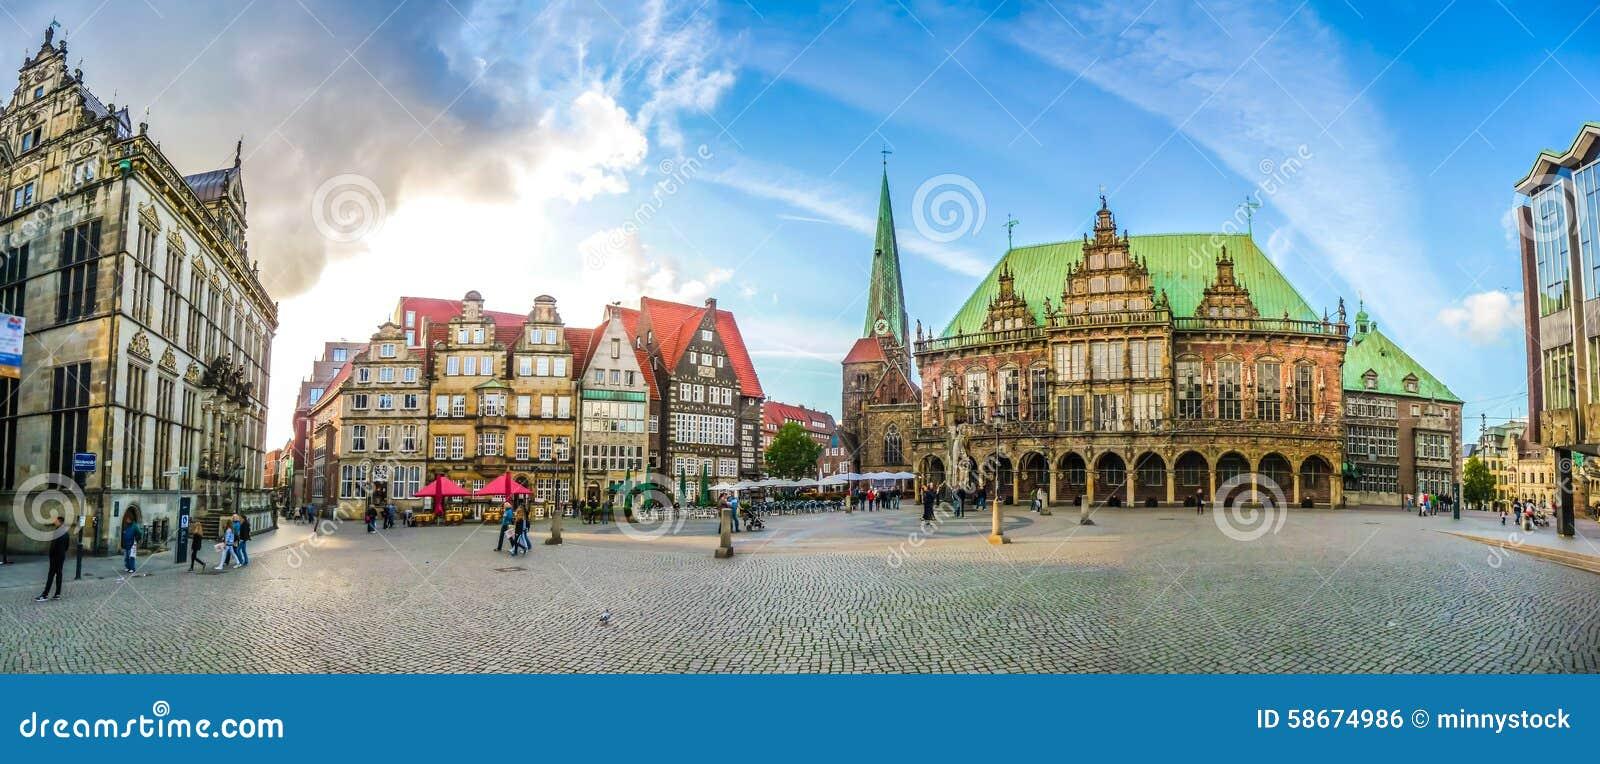 Διάσημο τετράγωνο αγοράς της Βρέμης στη χανσεατική πόλη Βρέμη, Γερμανία